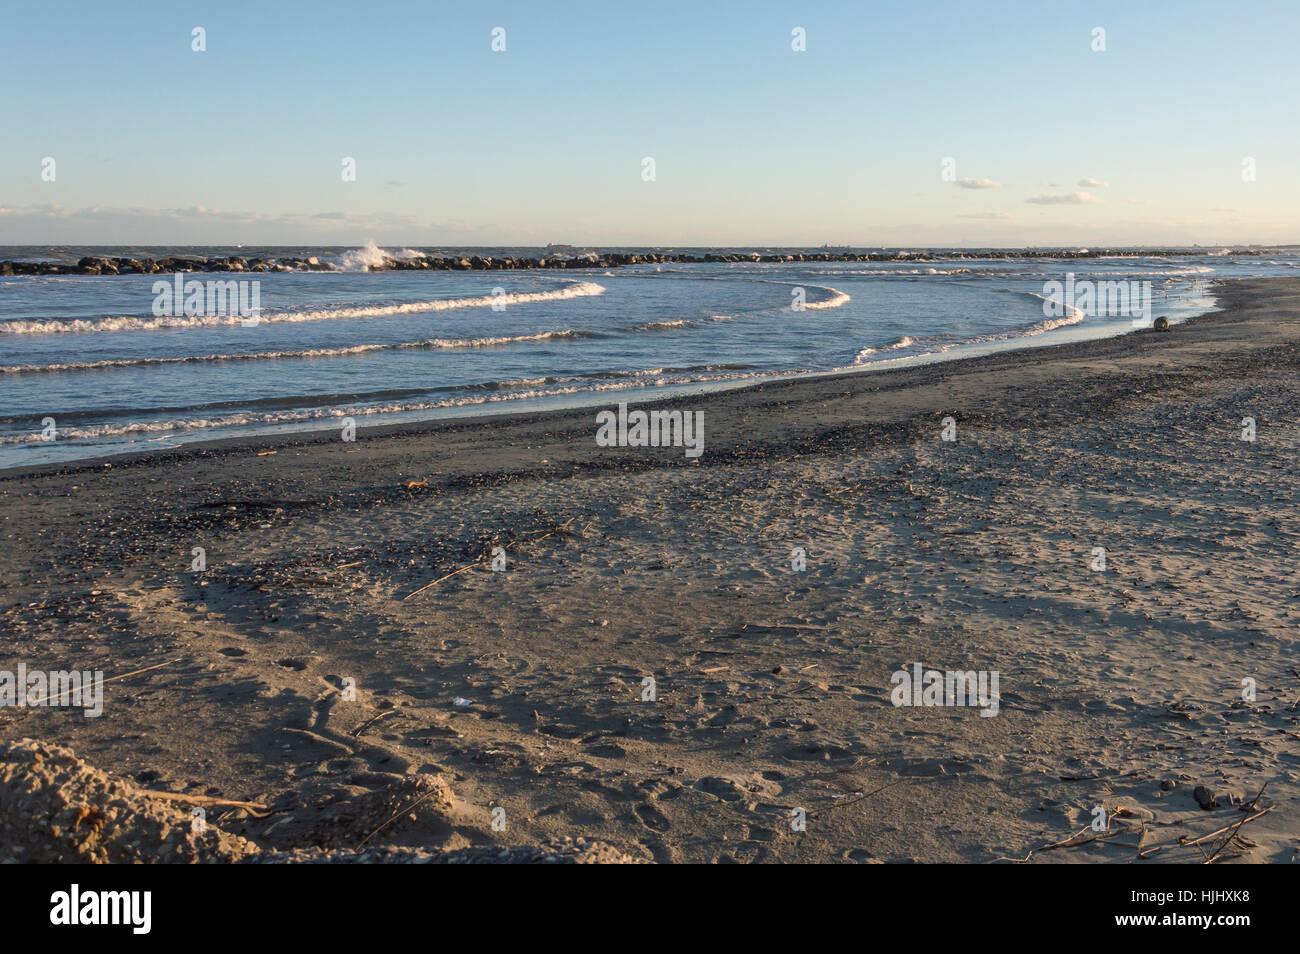 Winter cold sea in Adriatic coast, Italy - Stock Image